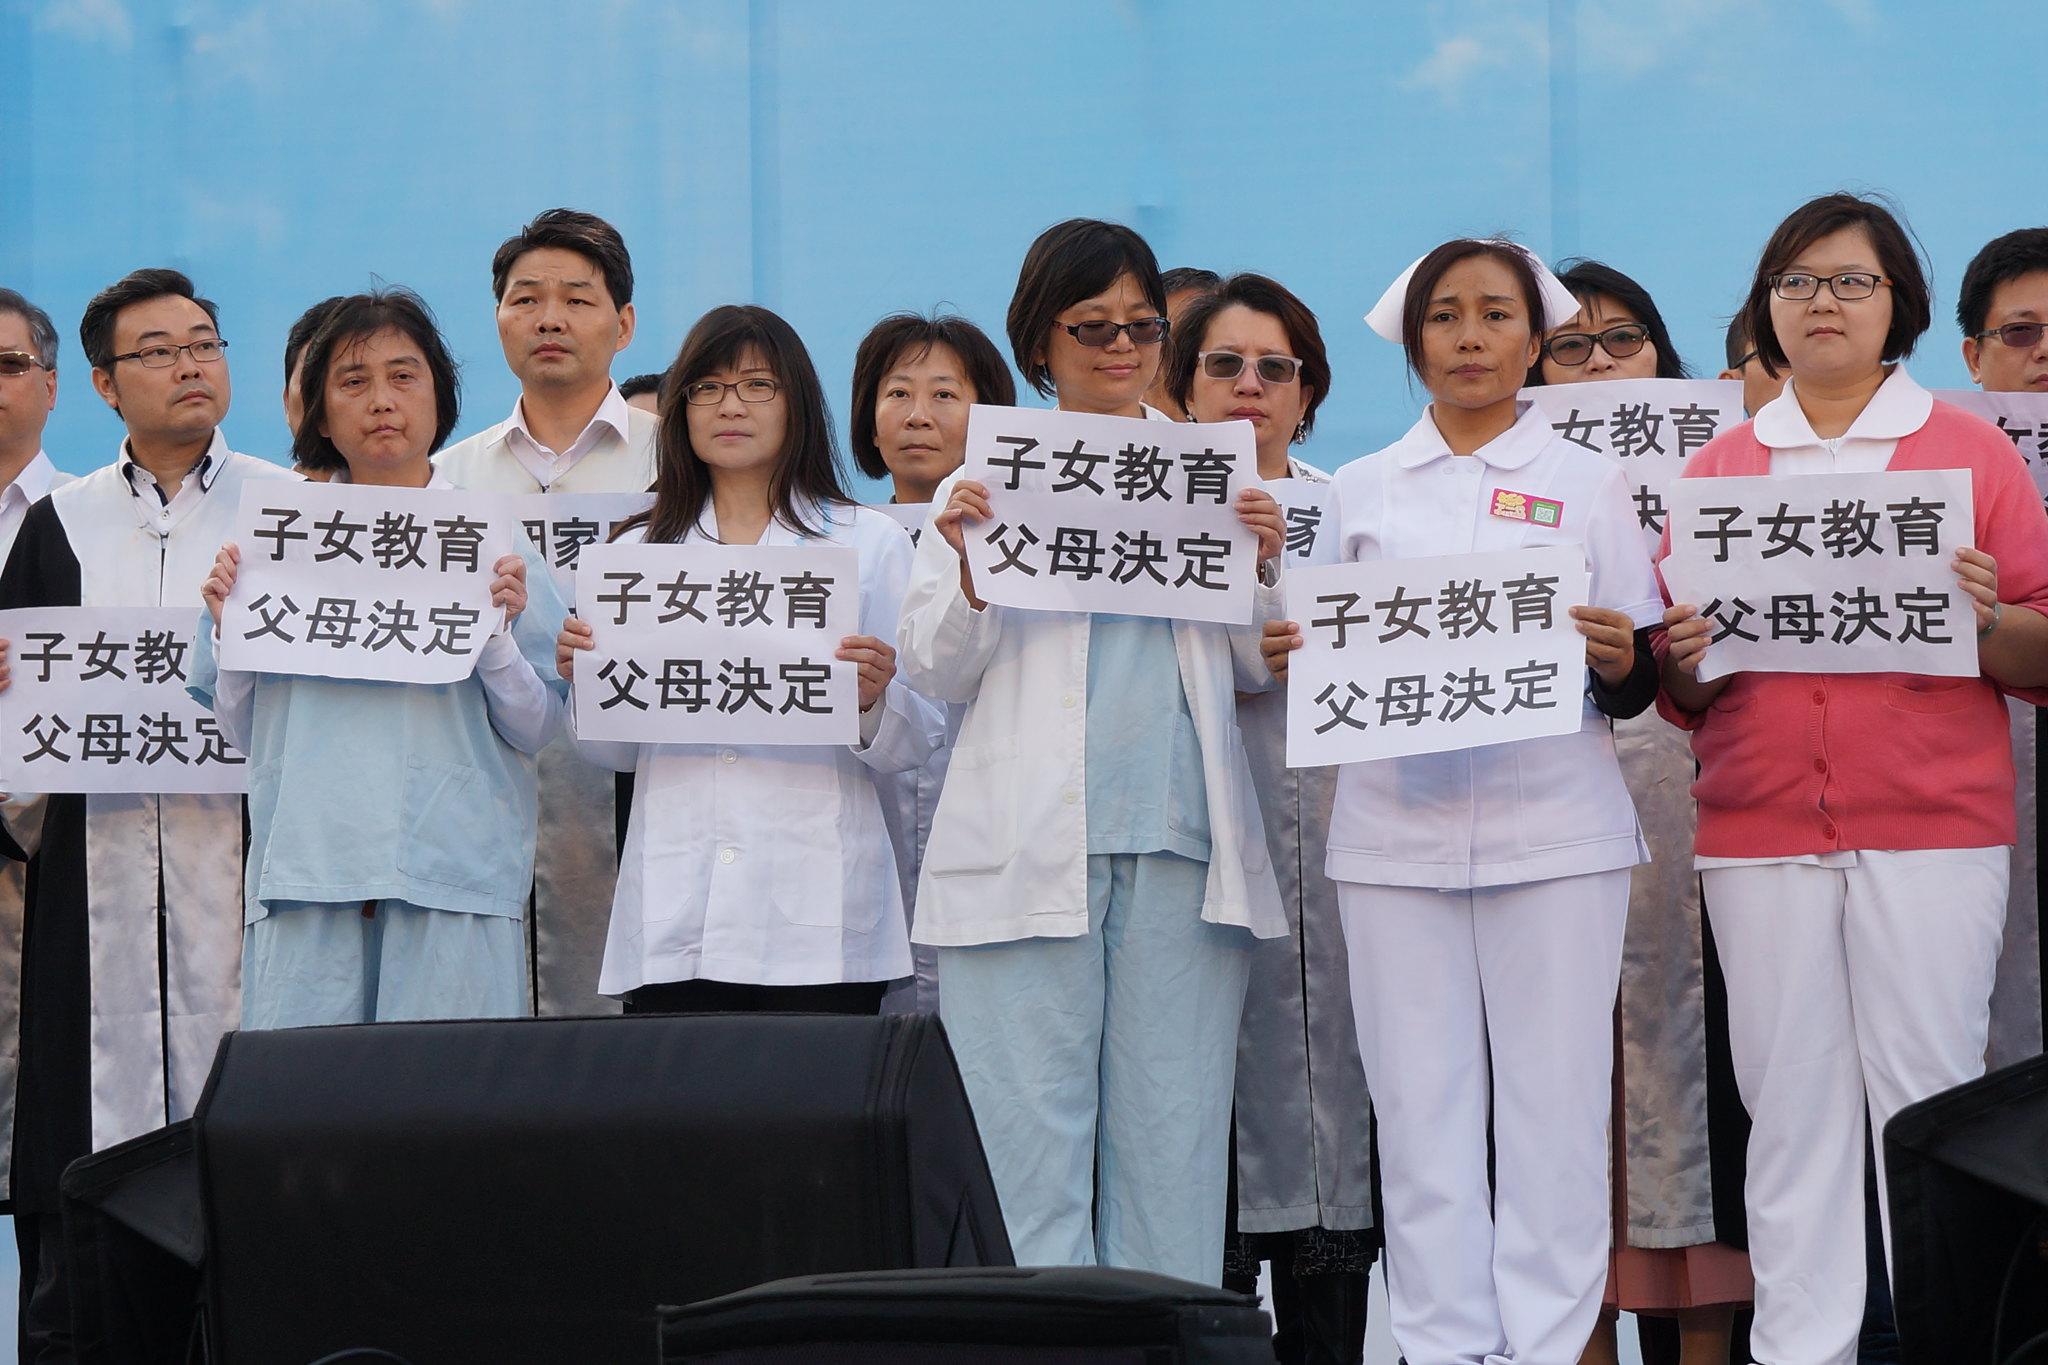 下福盟高呼「子女教育,父母決定」,反對當前的性平教育。(攝影:王顥中)